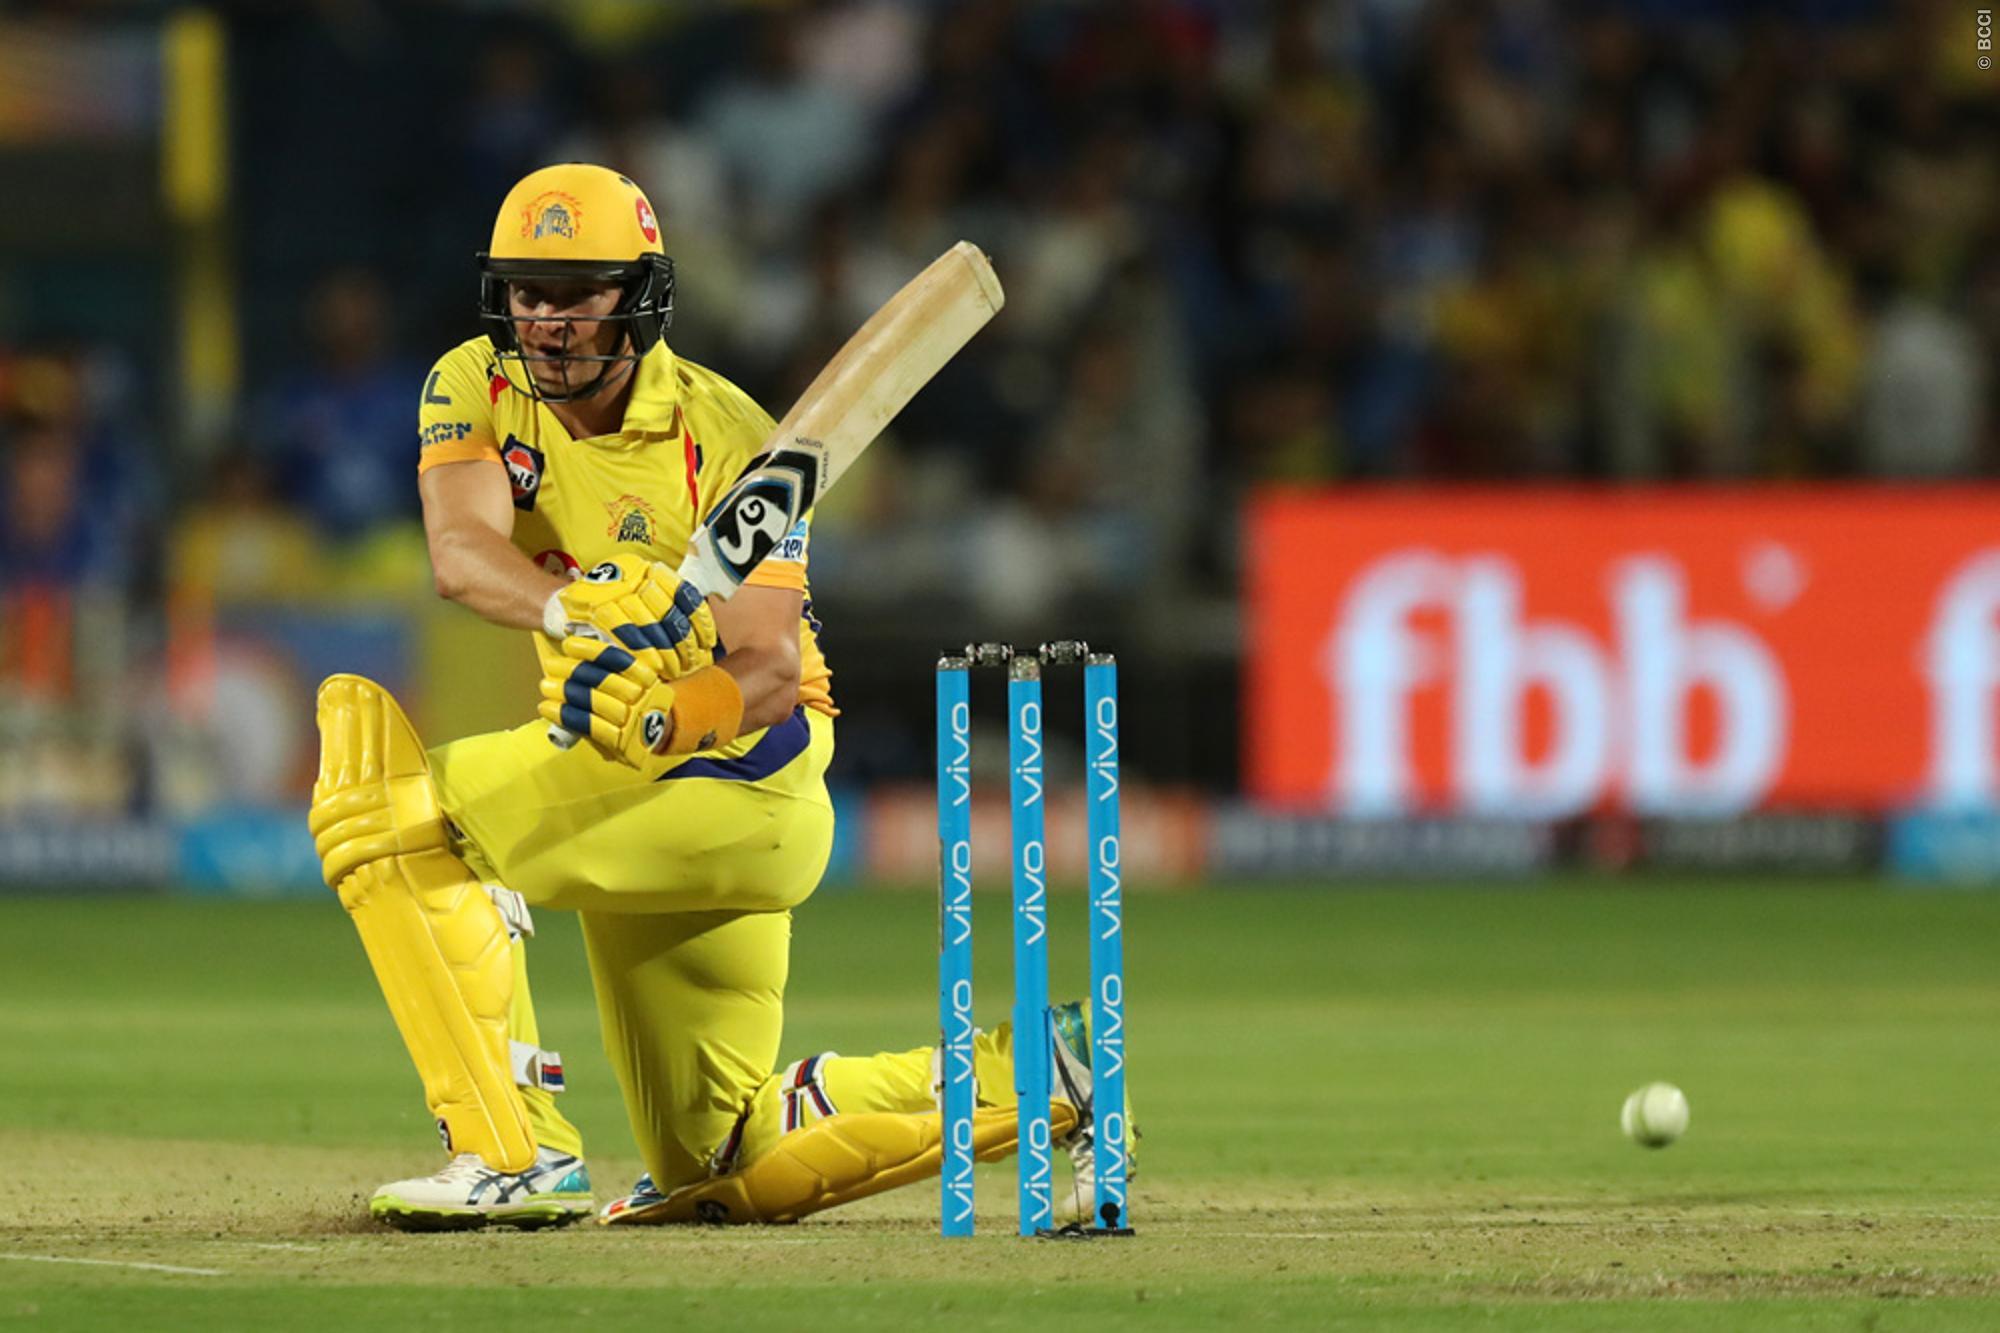 मैच के बाद लोगों ने उड़ाया राजस्थान और आरसीबी का मजाक, तो शतकीय पारी खेलने वाले वाटसन को ये क्या कह गये सर जडेजा